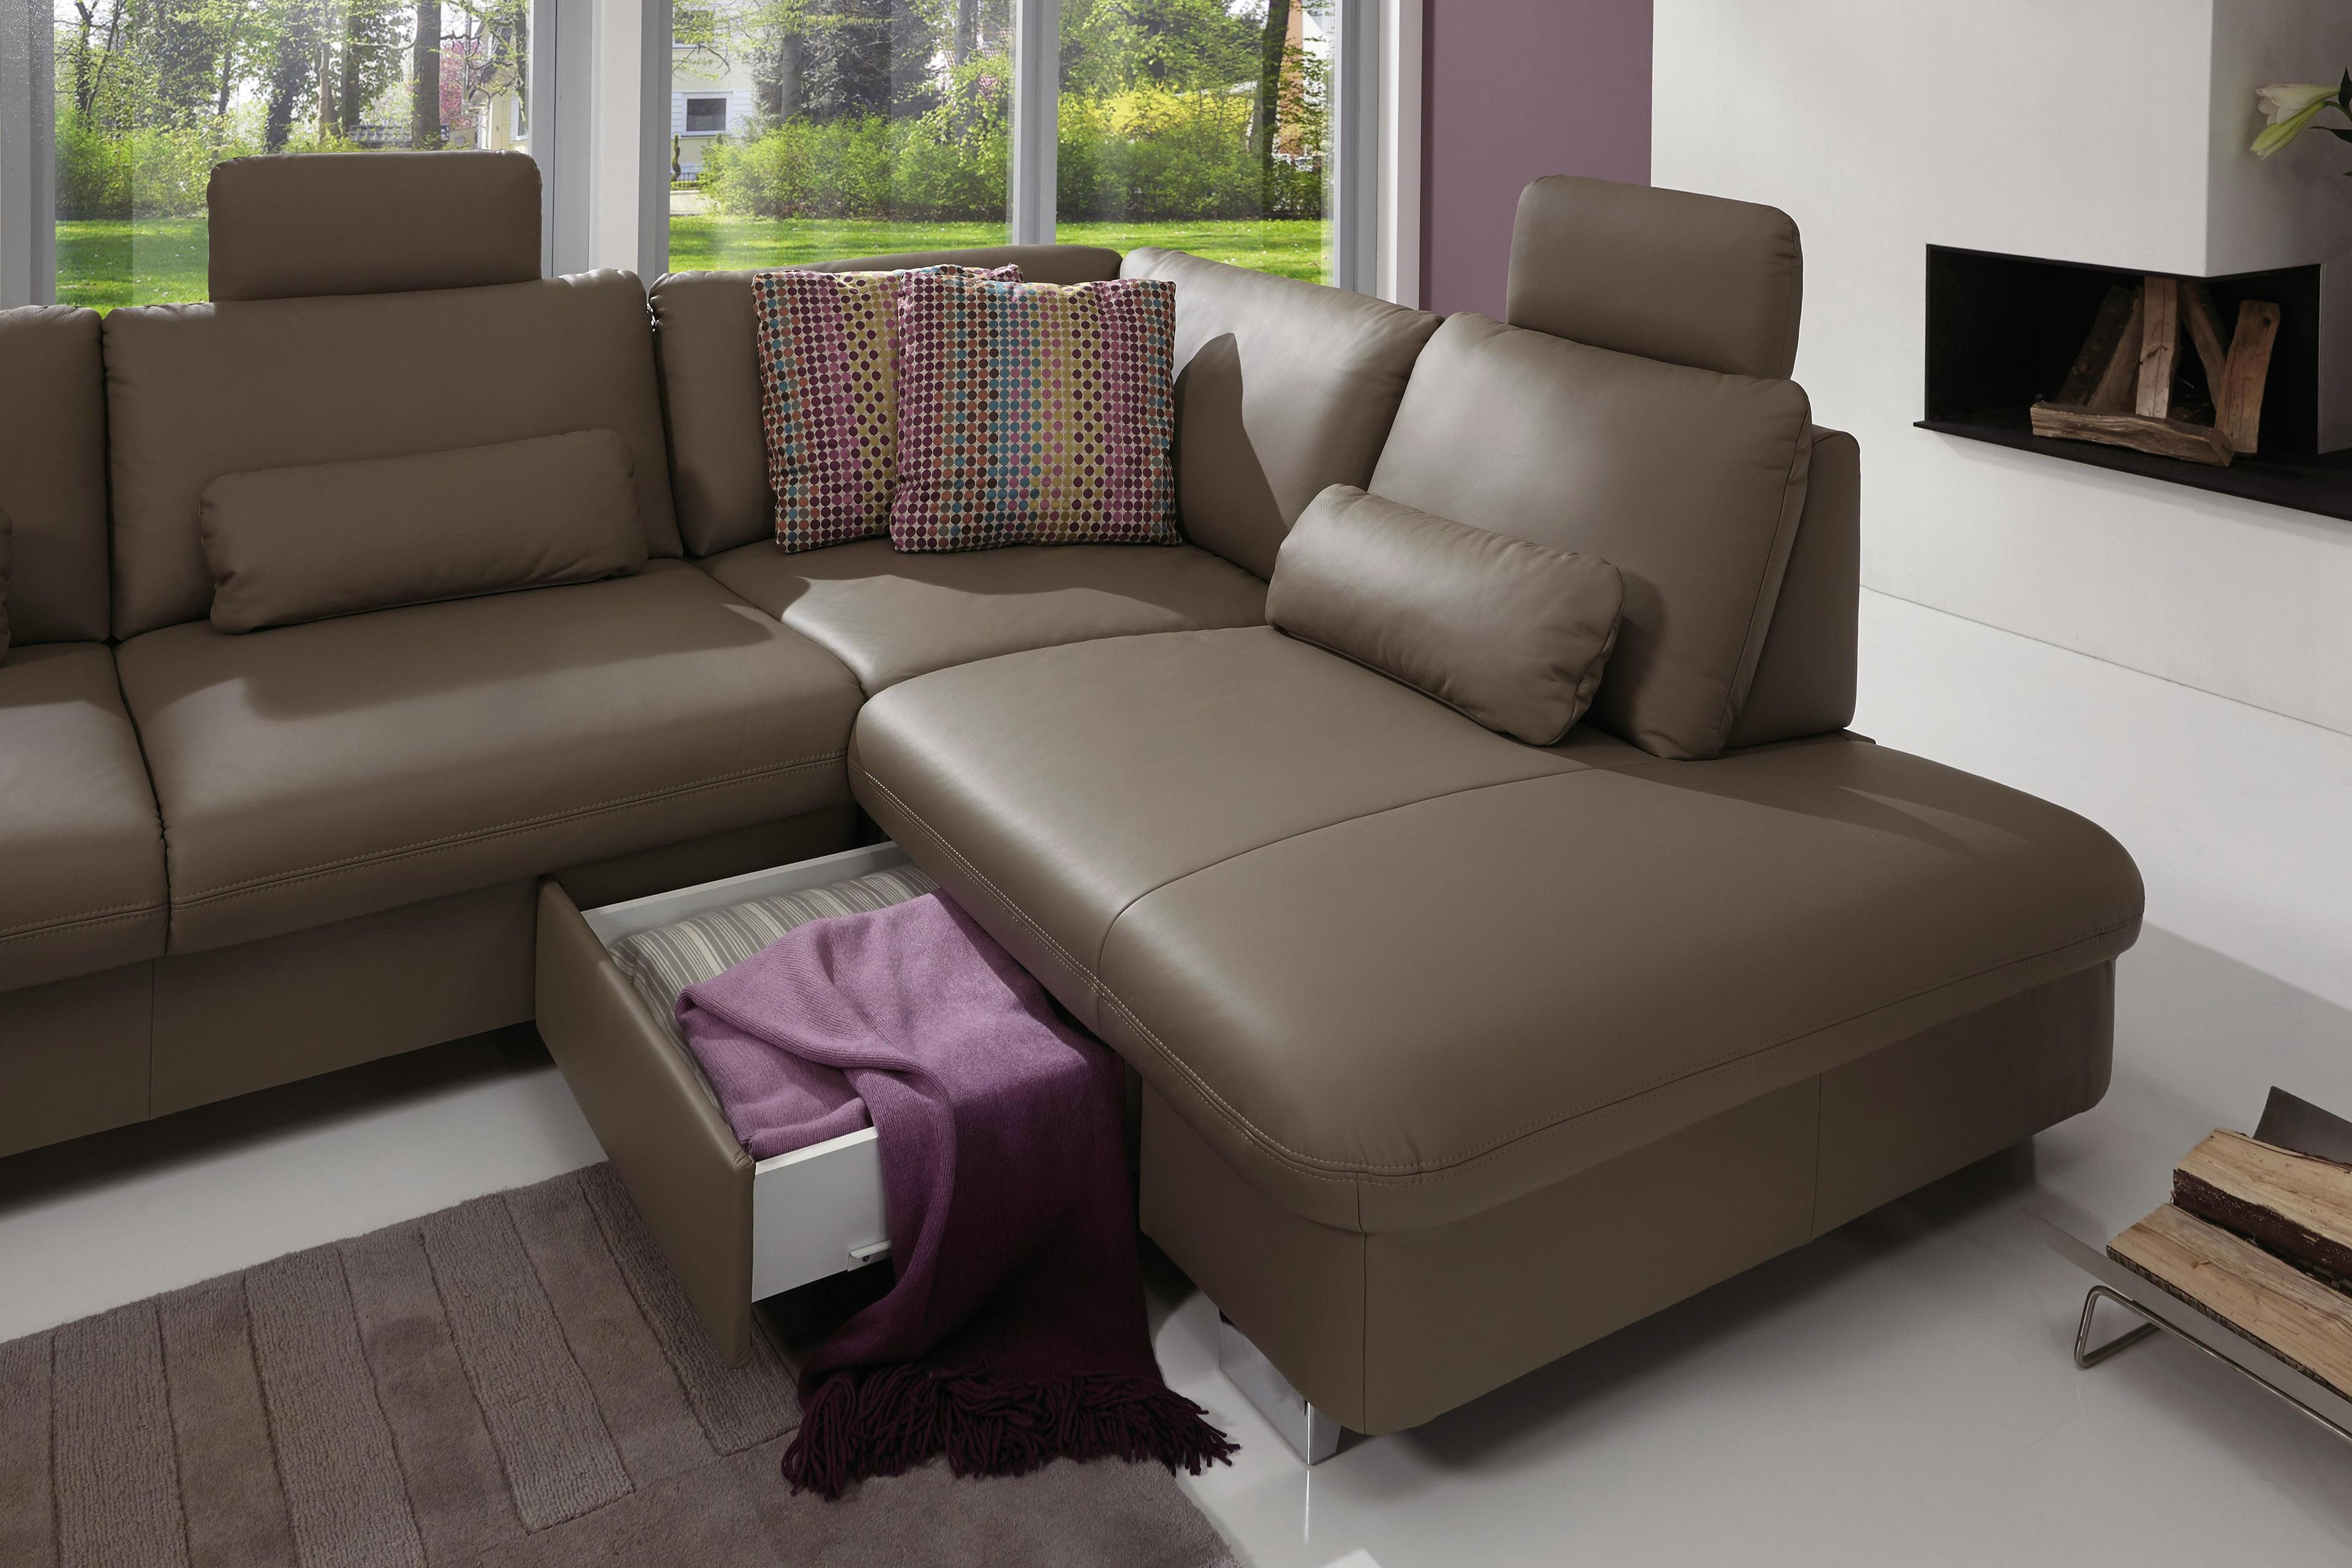 ledersofa whitney l grau polinova polsterm bel m bel. Black Bedroom Furniture Sets. Home Design Ideas